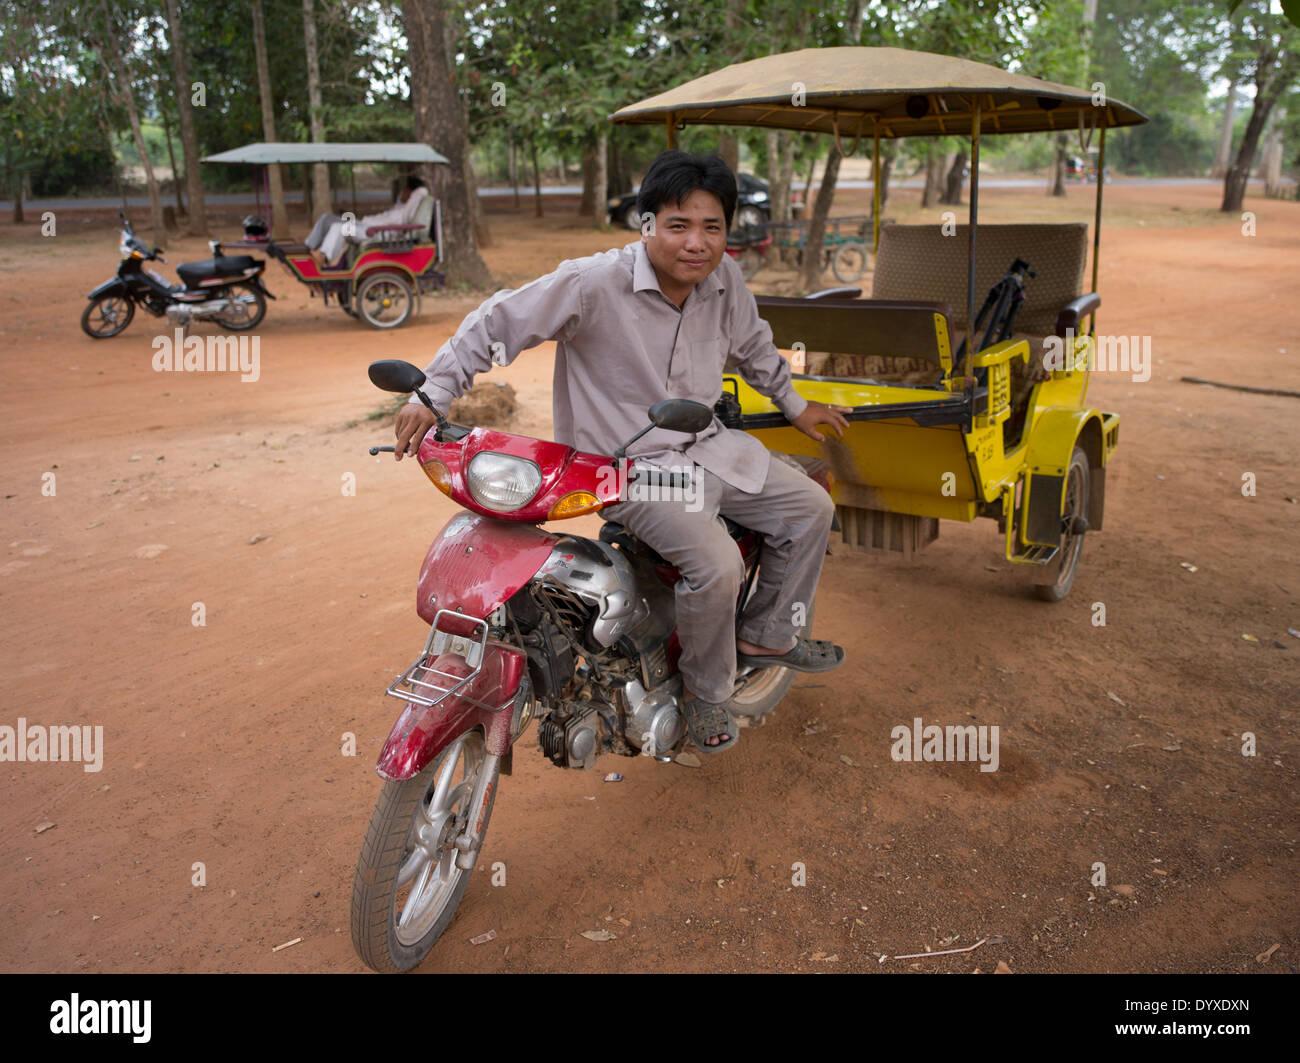 Tuk tuk ( remork-moto ) driver in Siem Reap, Cambodia - Stock Image